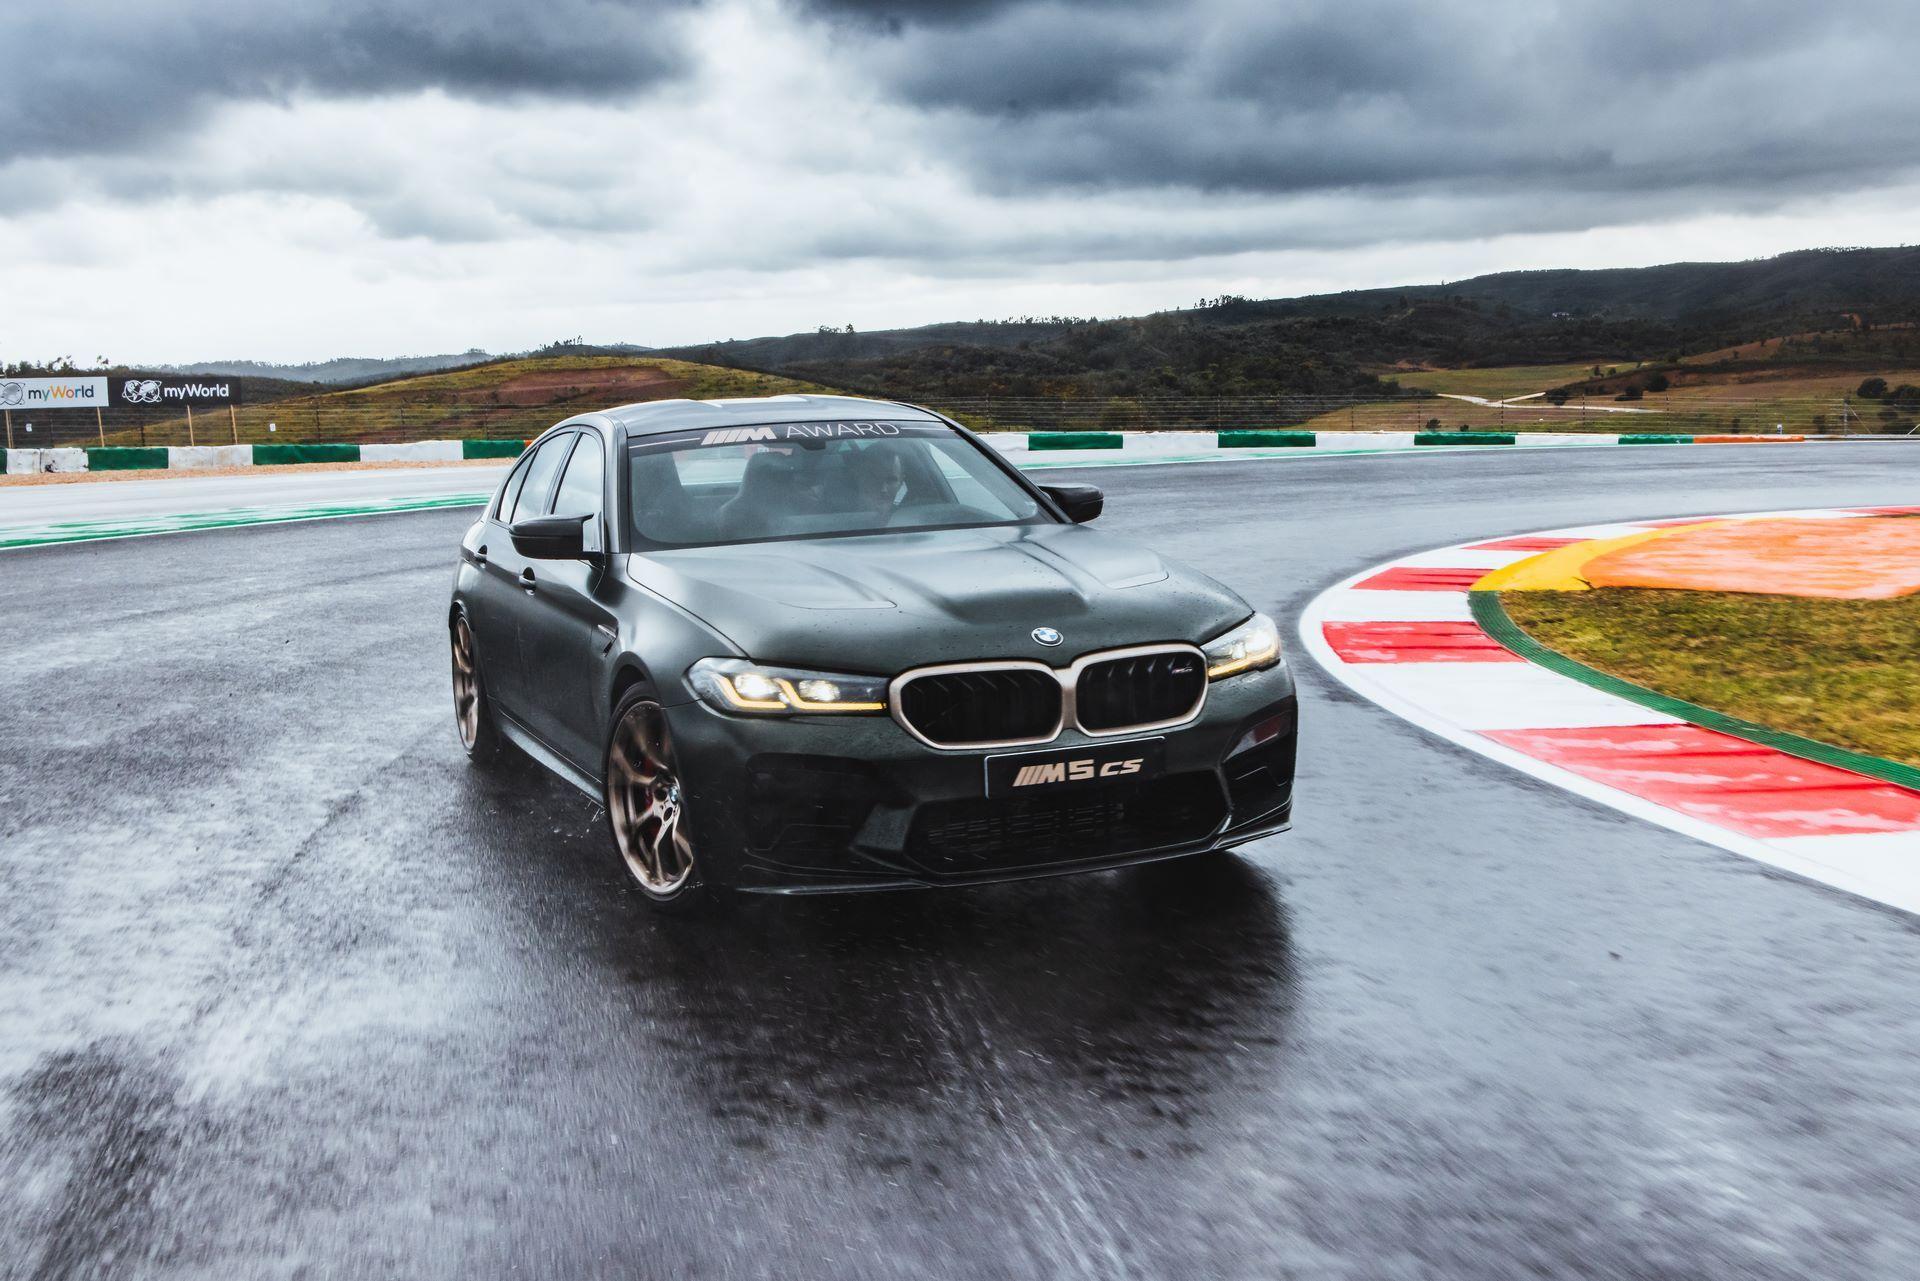 BMW-M5-CS-Moto-GP-9